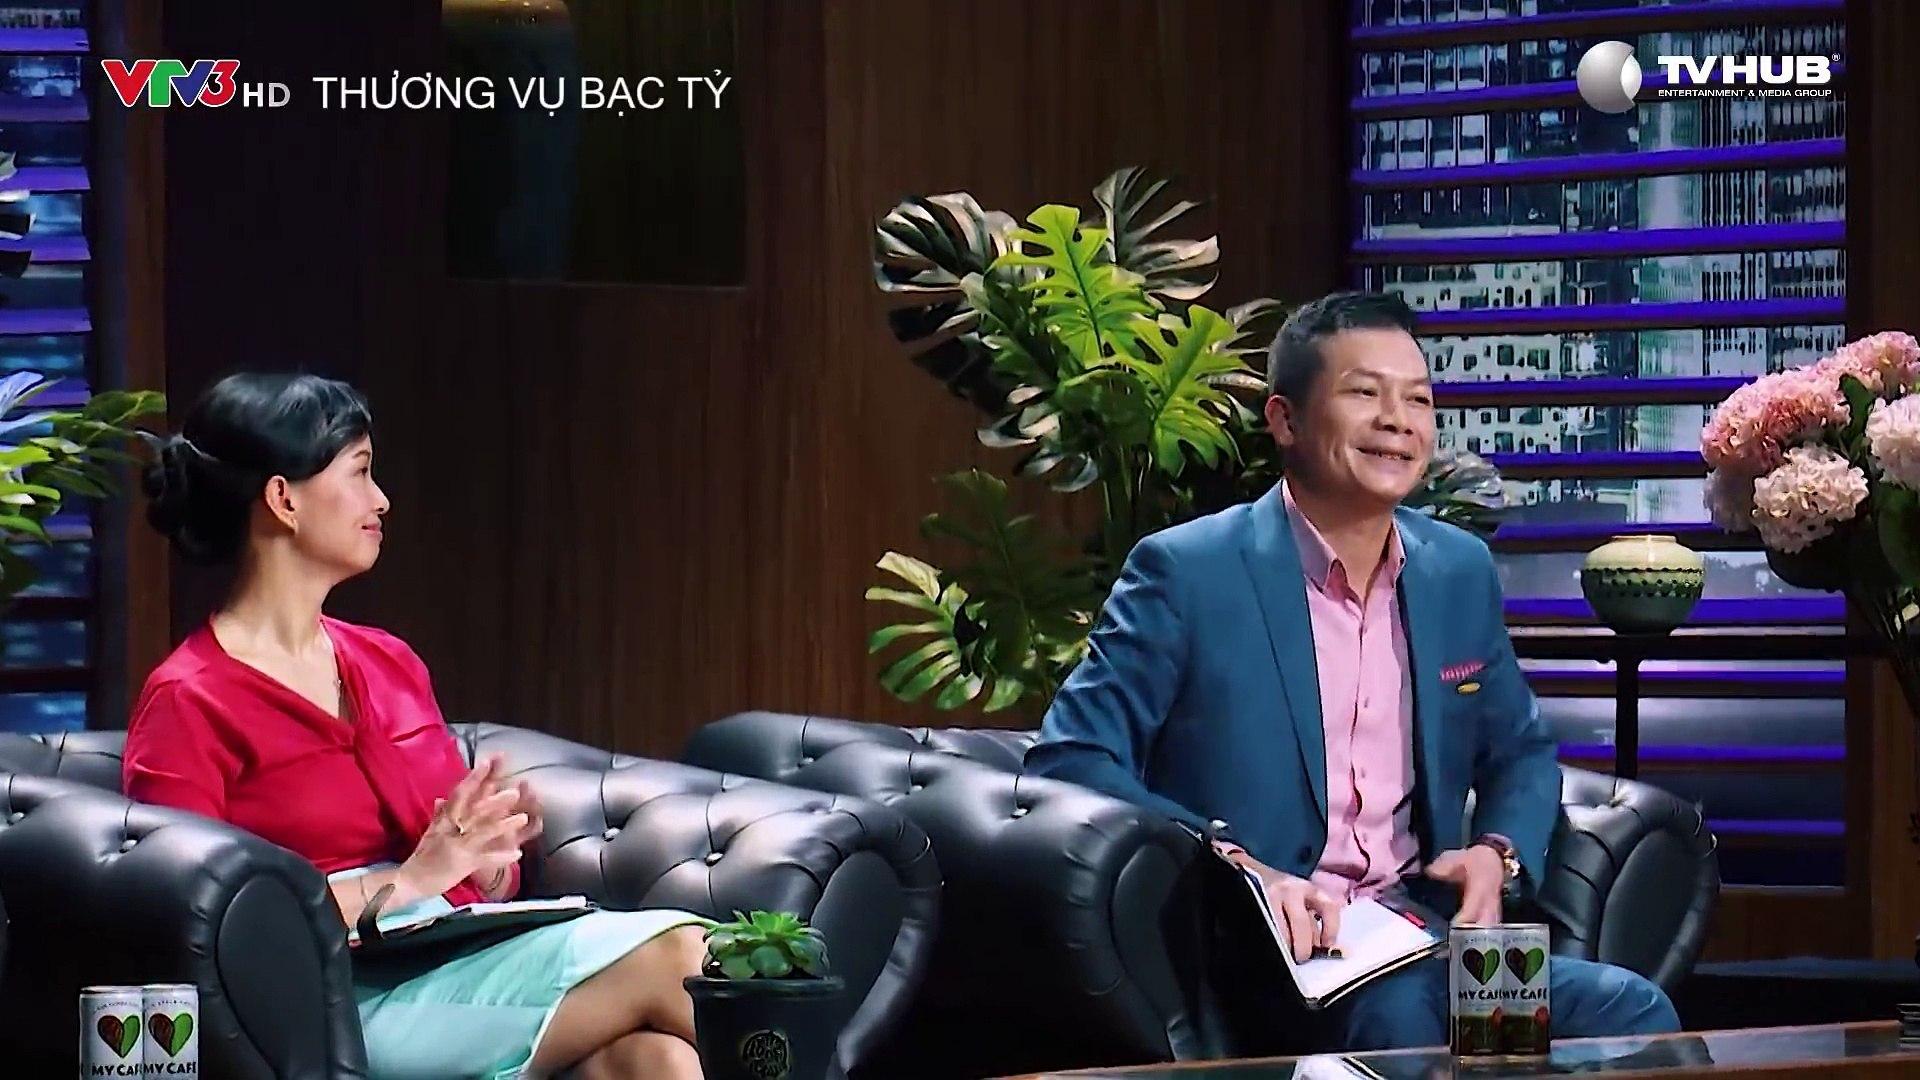 Thương Vụ Bạc Tỷ Tập 11 FULL HD l Shark Tank Việt Nam l SHARK HƯNG VÀ LỜI ĐỀ NGHỊ 5 TRIỆU USD - SHAR